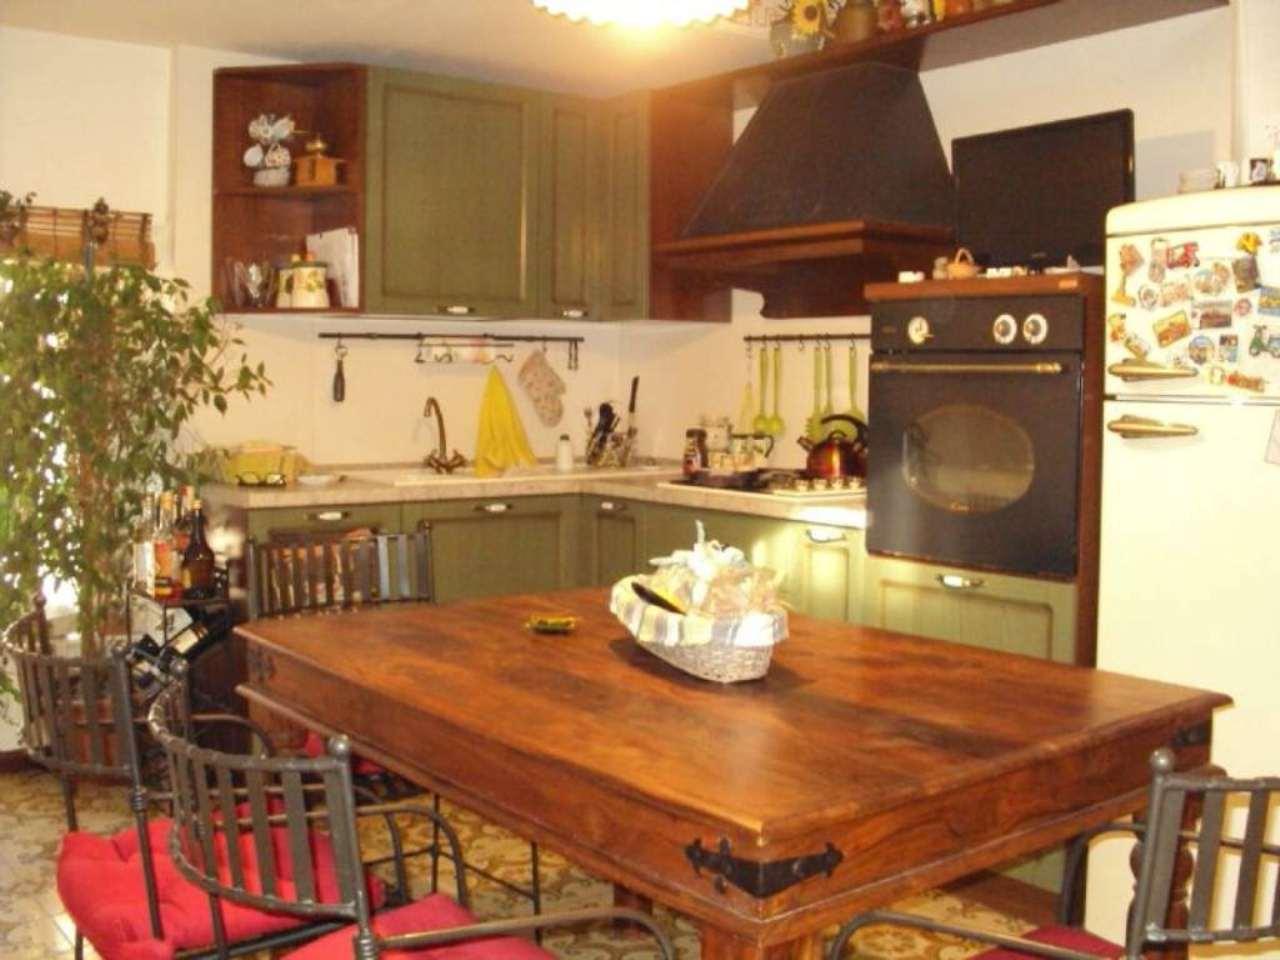 Appartamento in vendita a Polverigi, 2 locali, prezzo € 65.000 | CambioCasa.it